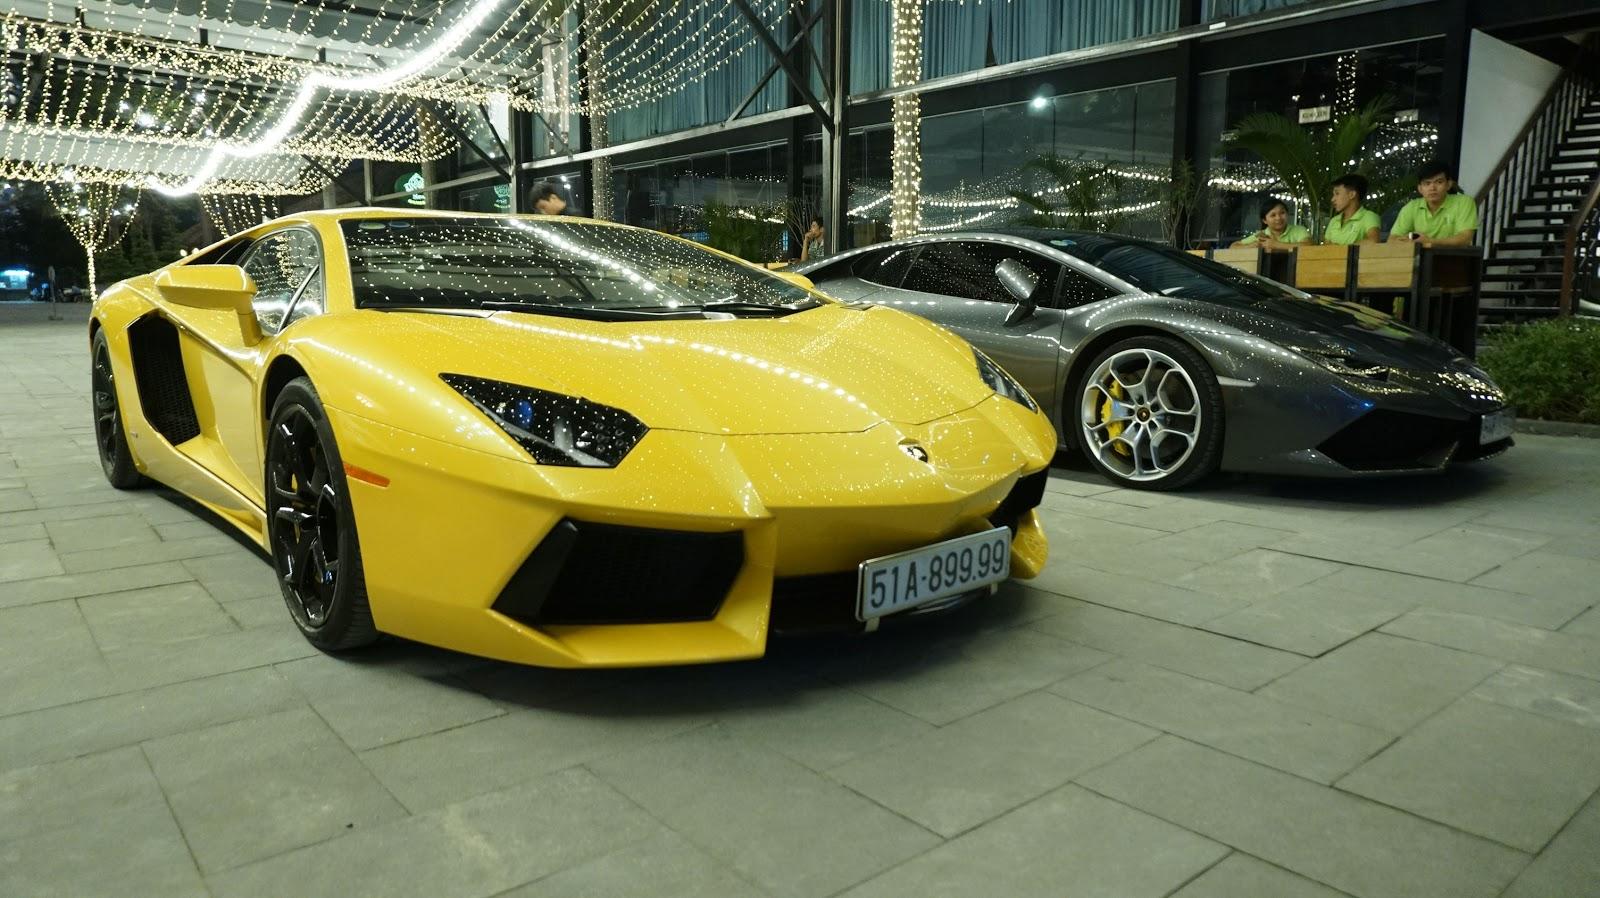 Aventador vàng là siêu xe thường xuyên ra đường nhất tại Phú Mỹ Hưng